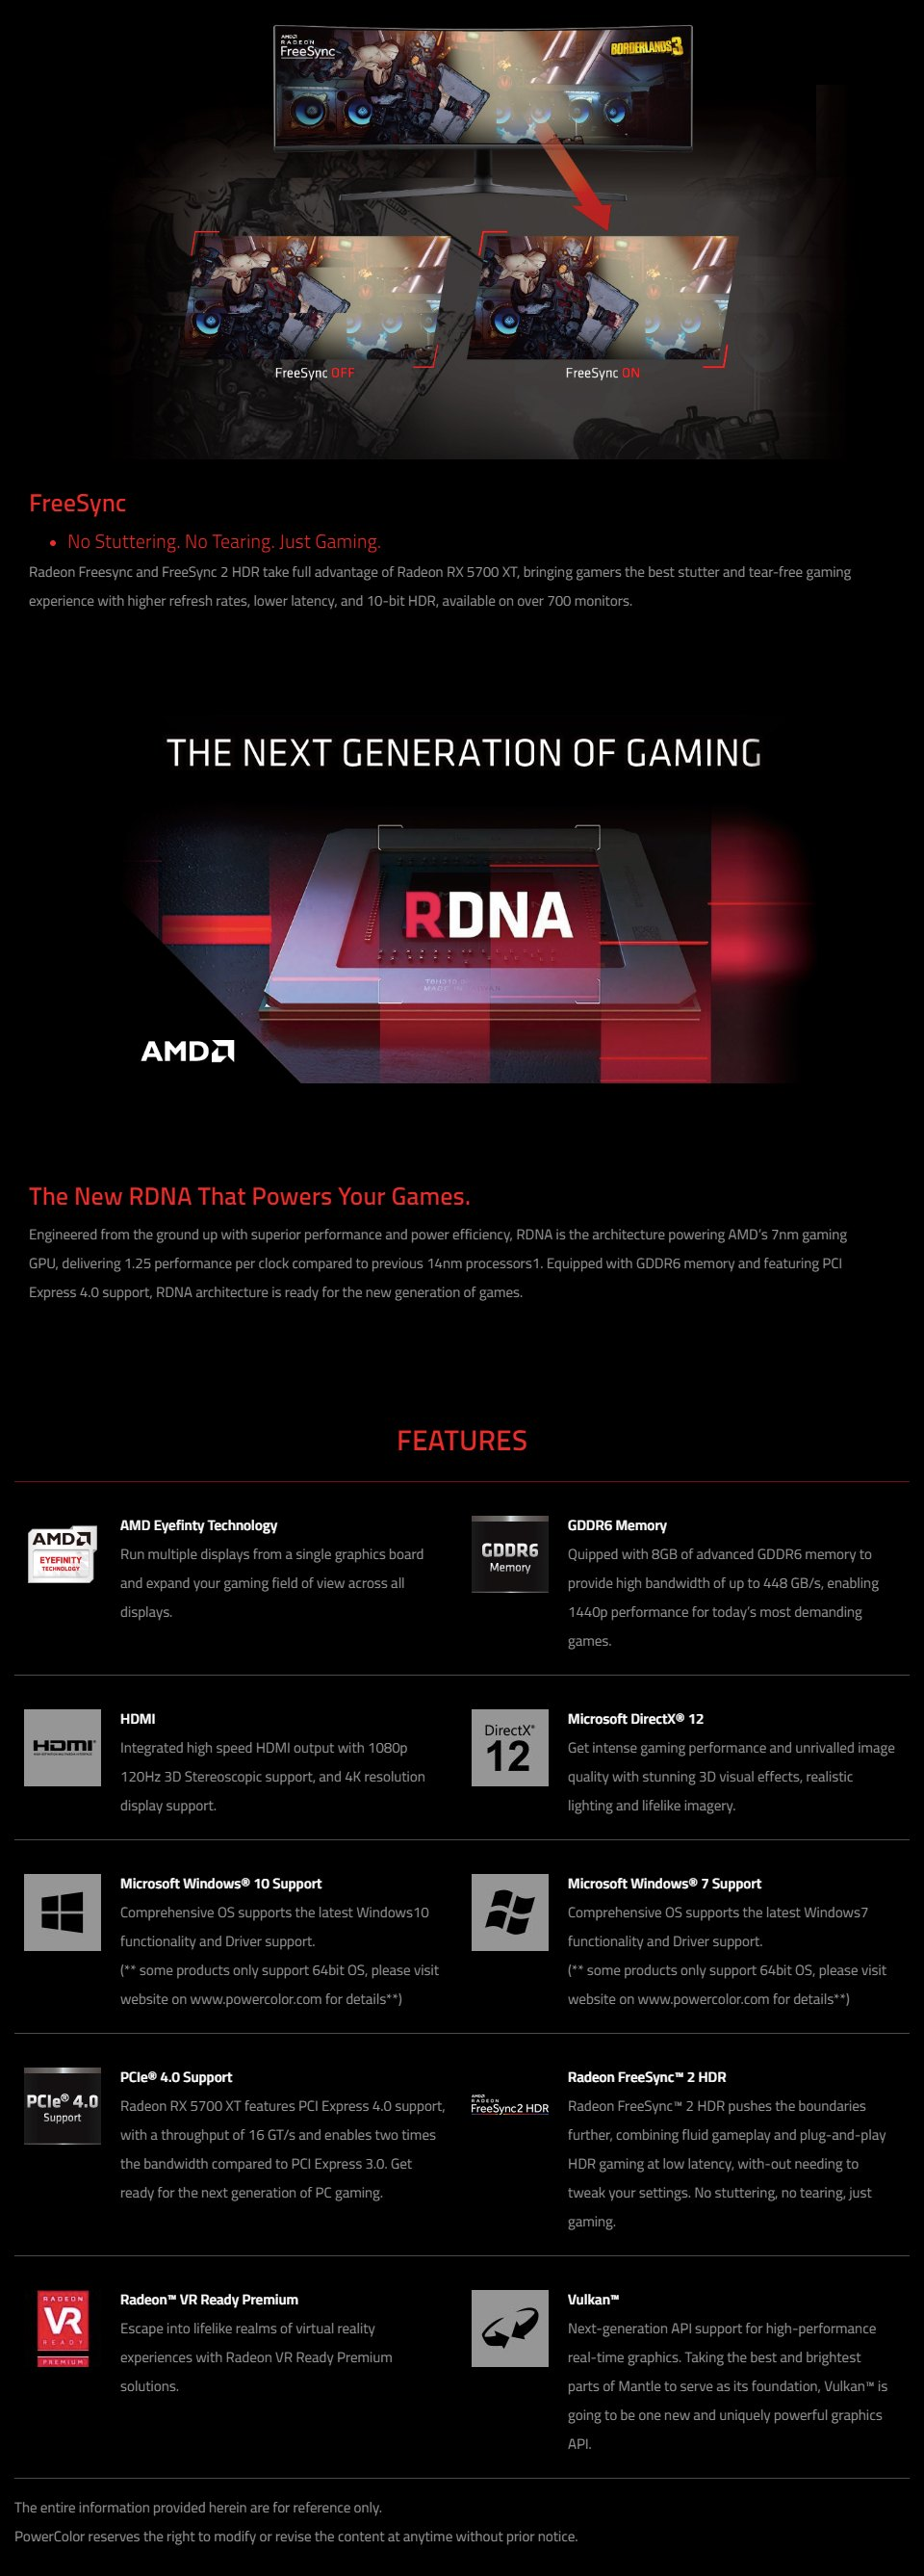 PowerColor Radeon RX 5700 XT Liquid Devil 8GB features 5